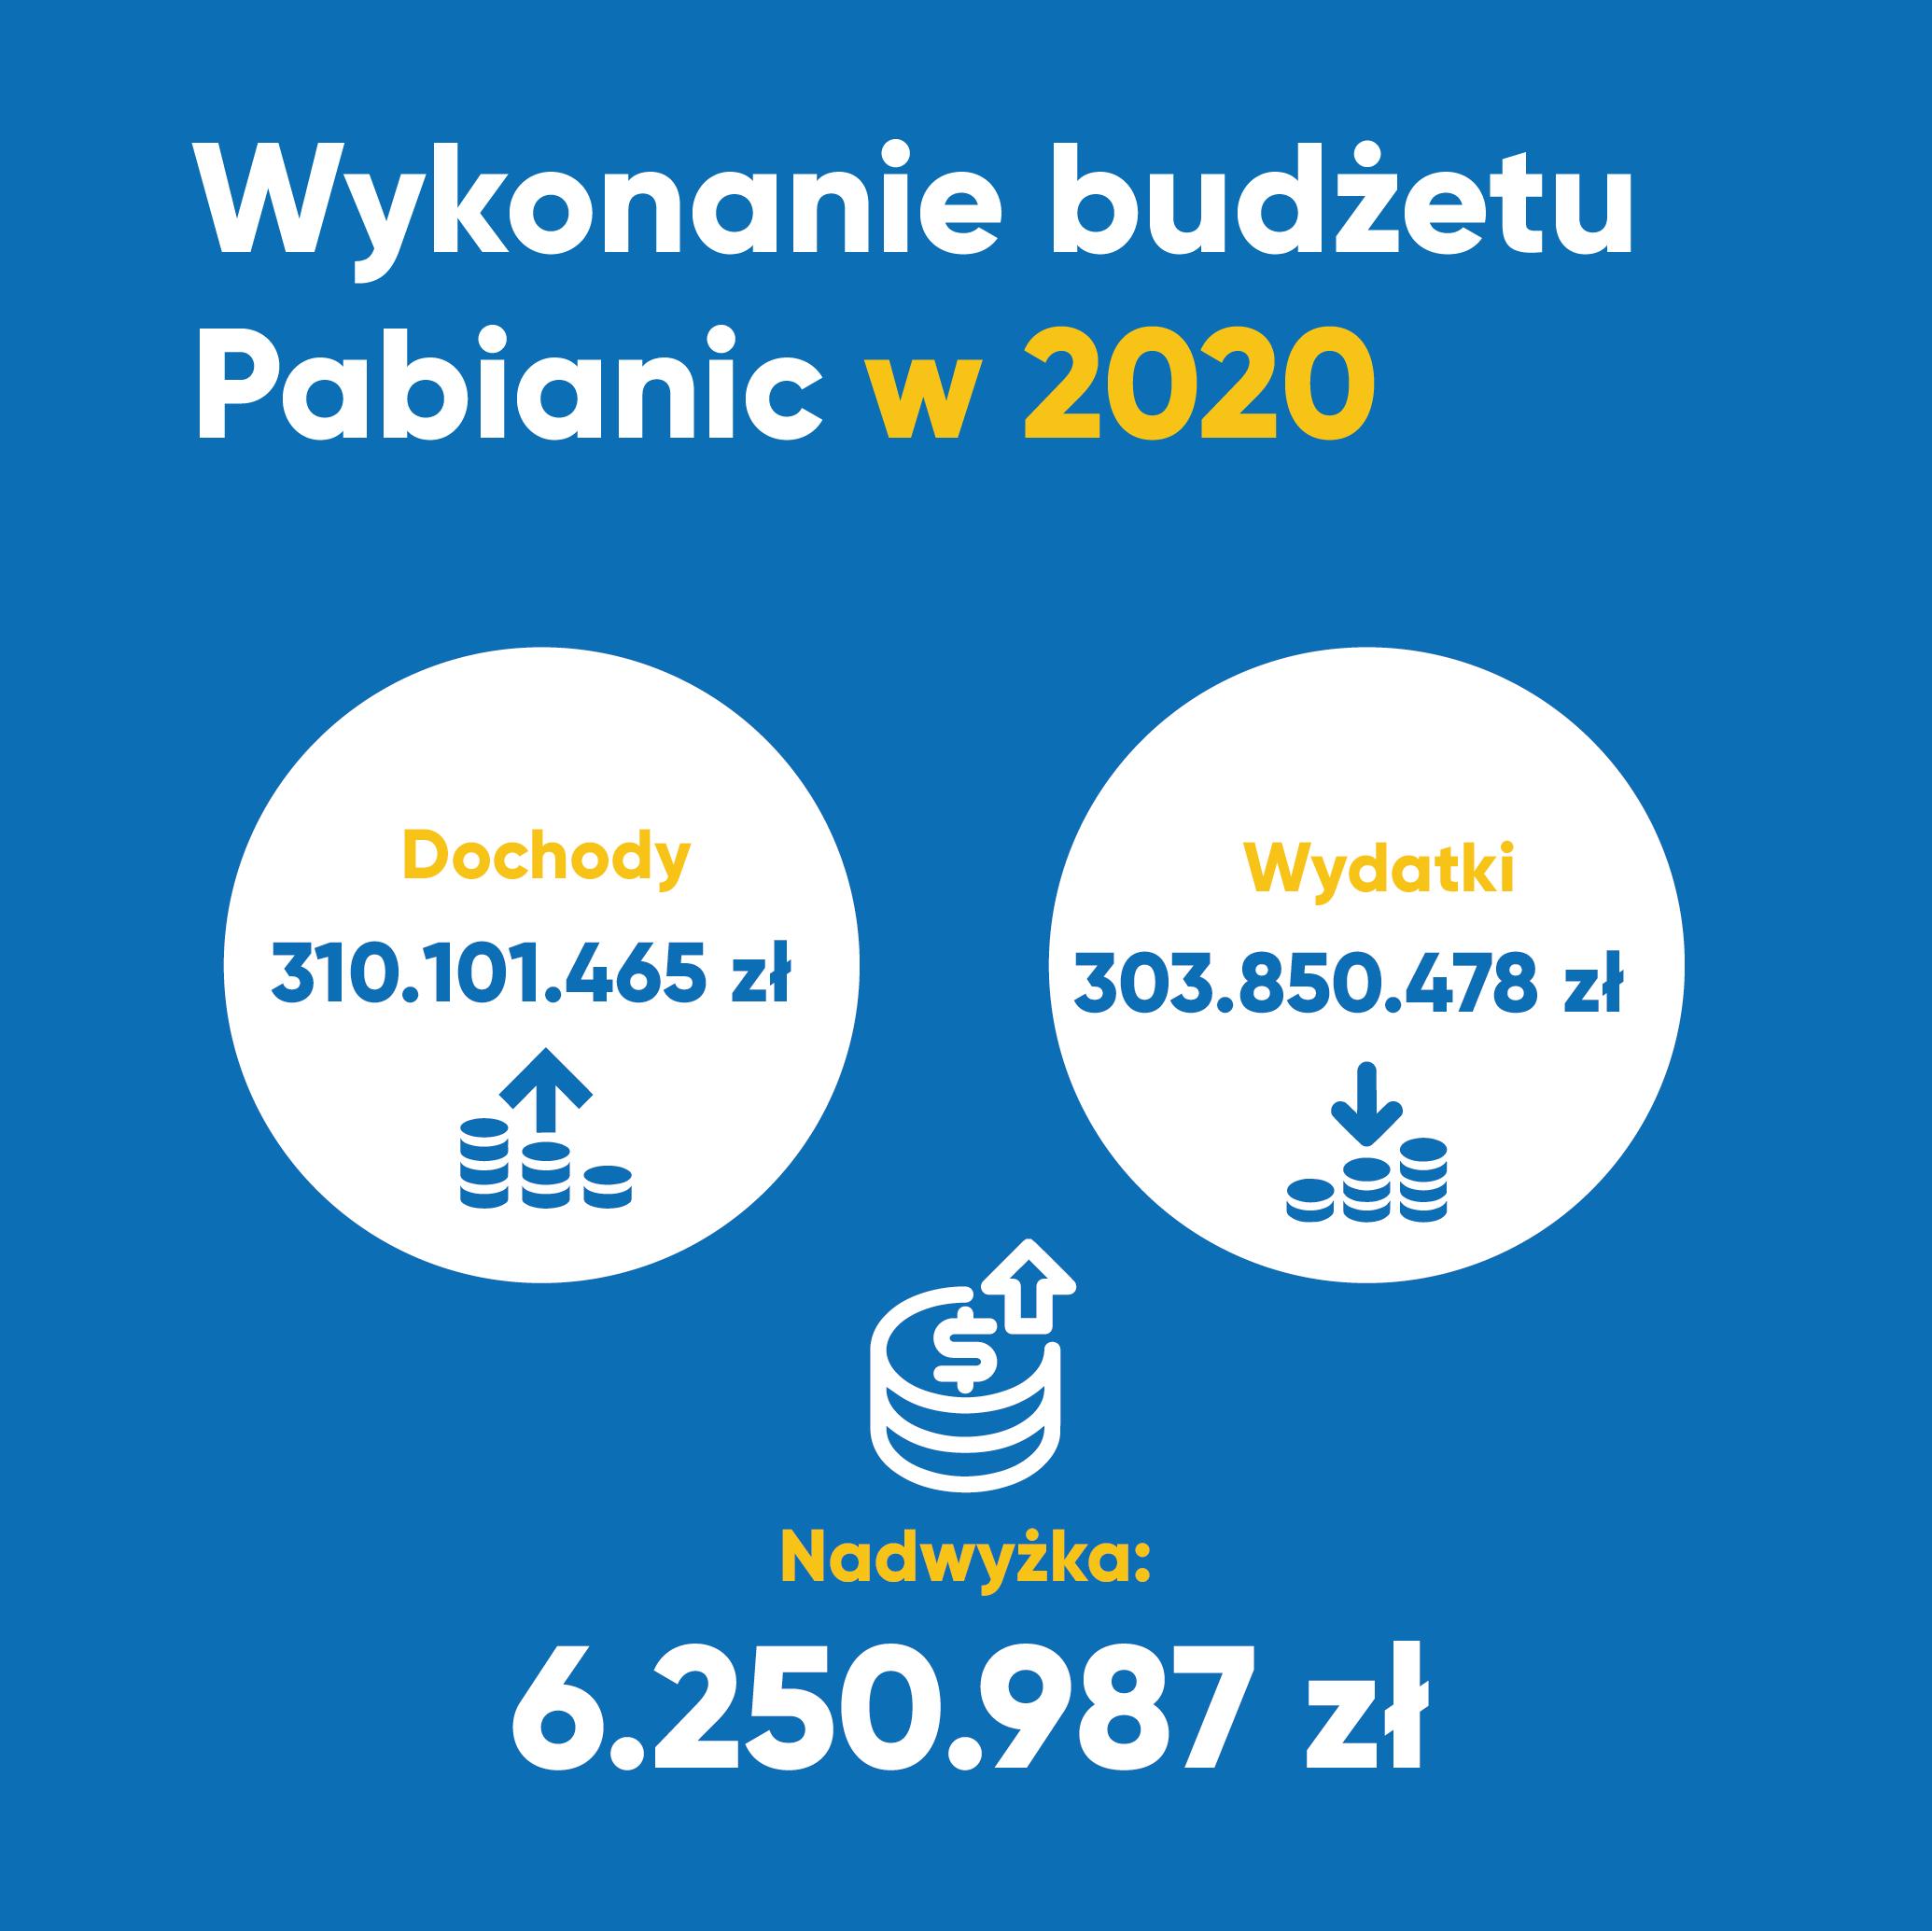 Wykonanie budżetu Pabianic w 2020 Dochody: 310101465 zł Wydatki: 303850478 Nadwyżka: 6250987 zł